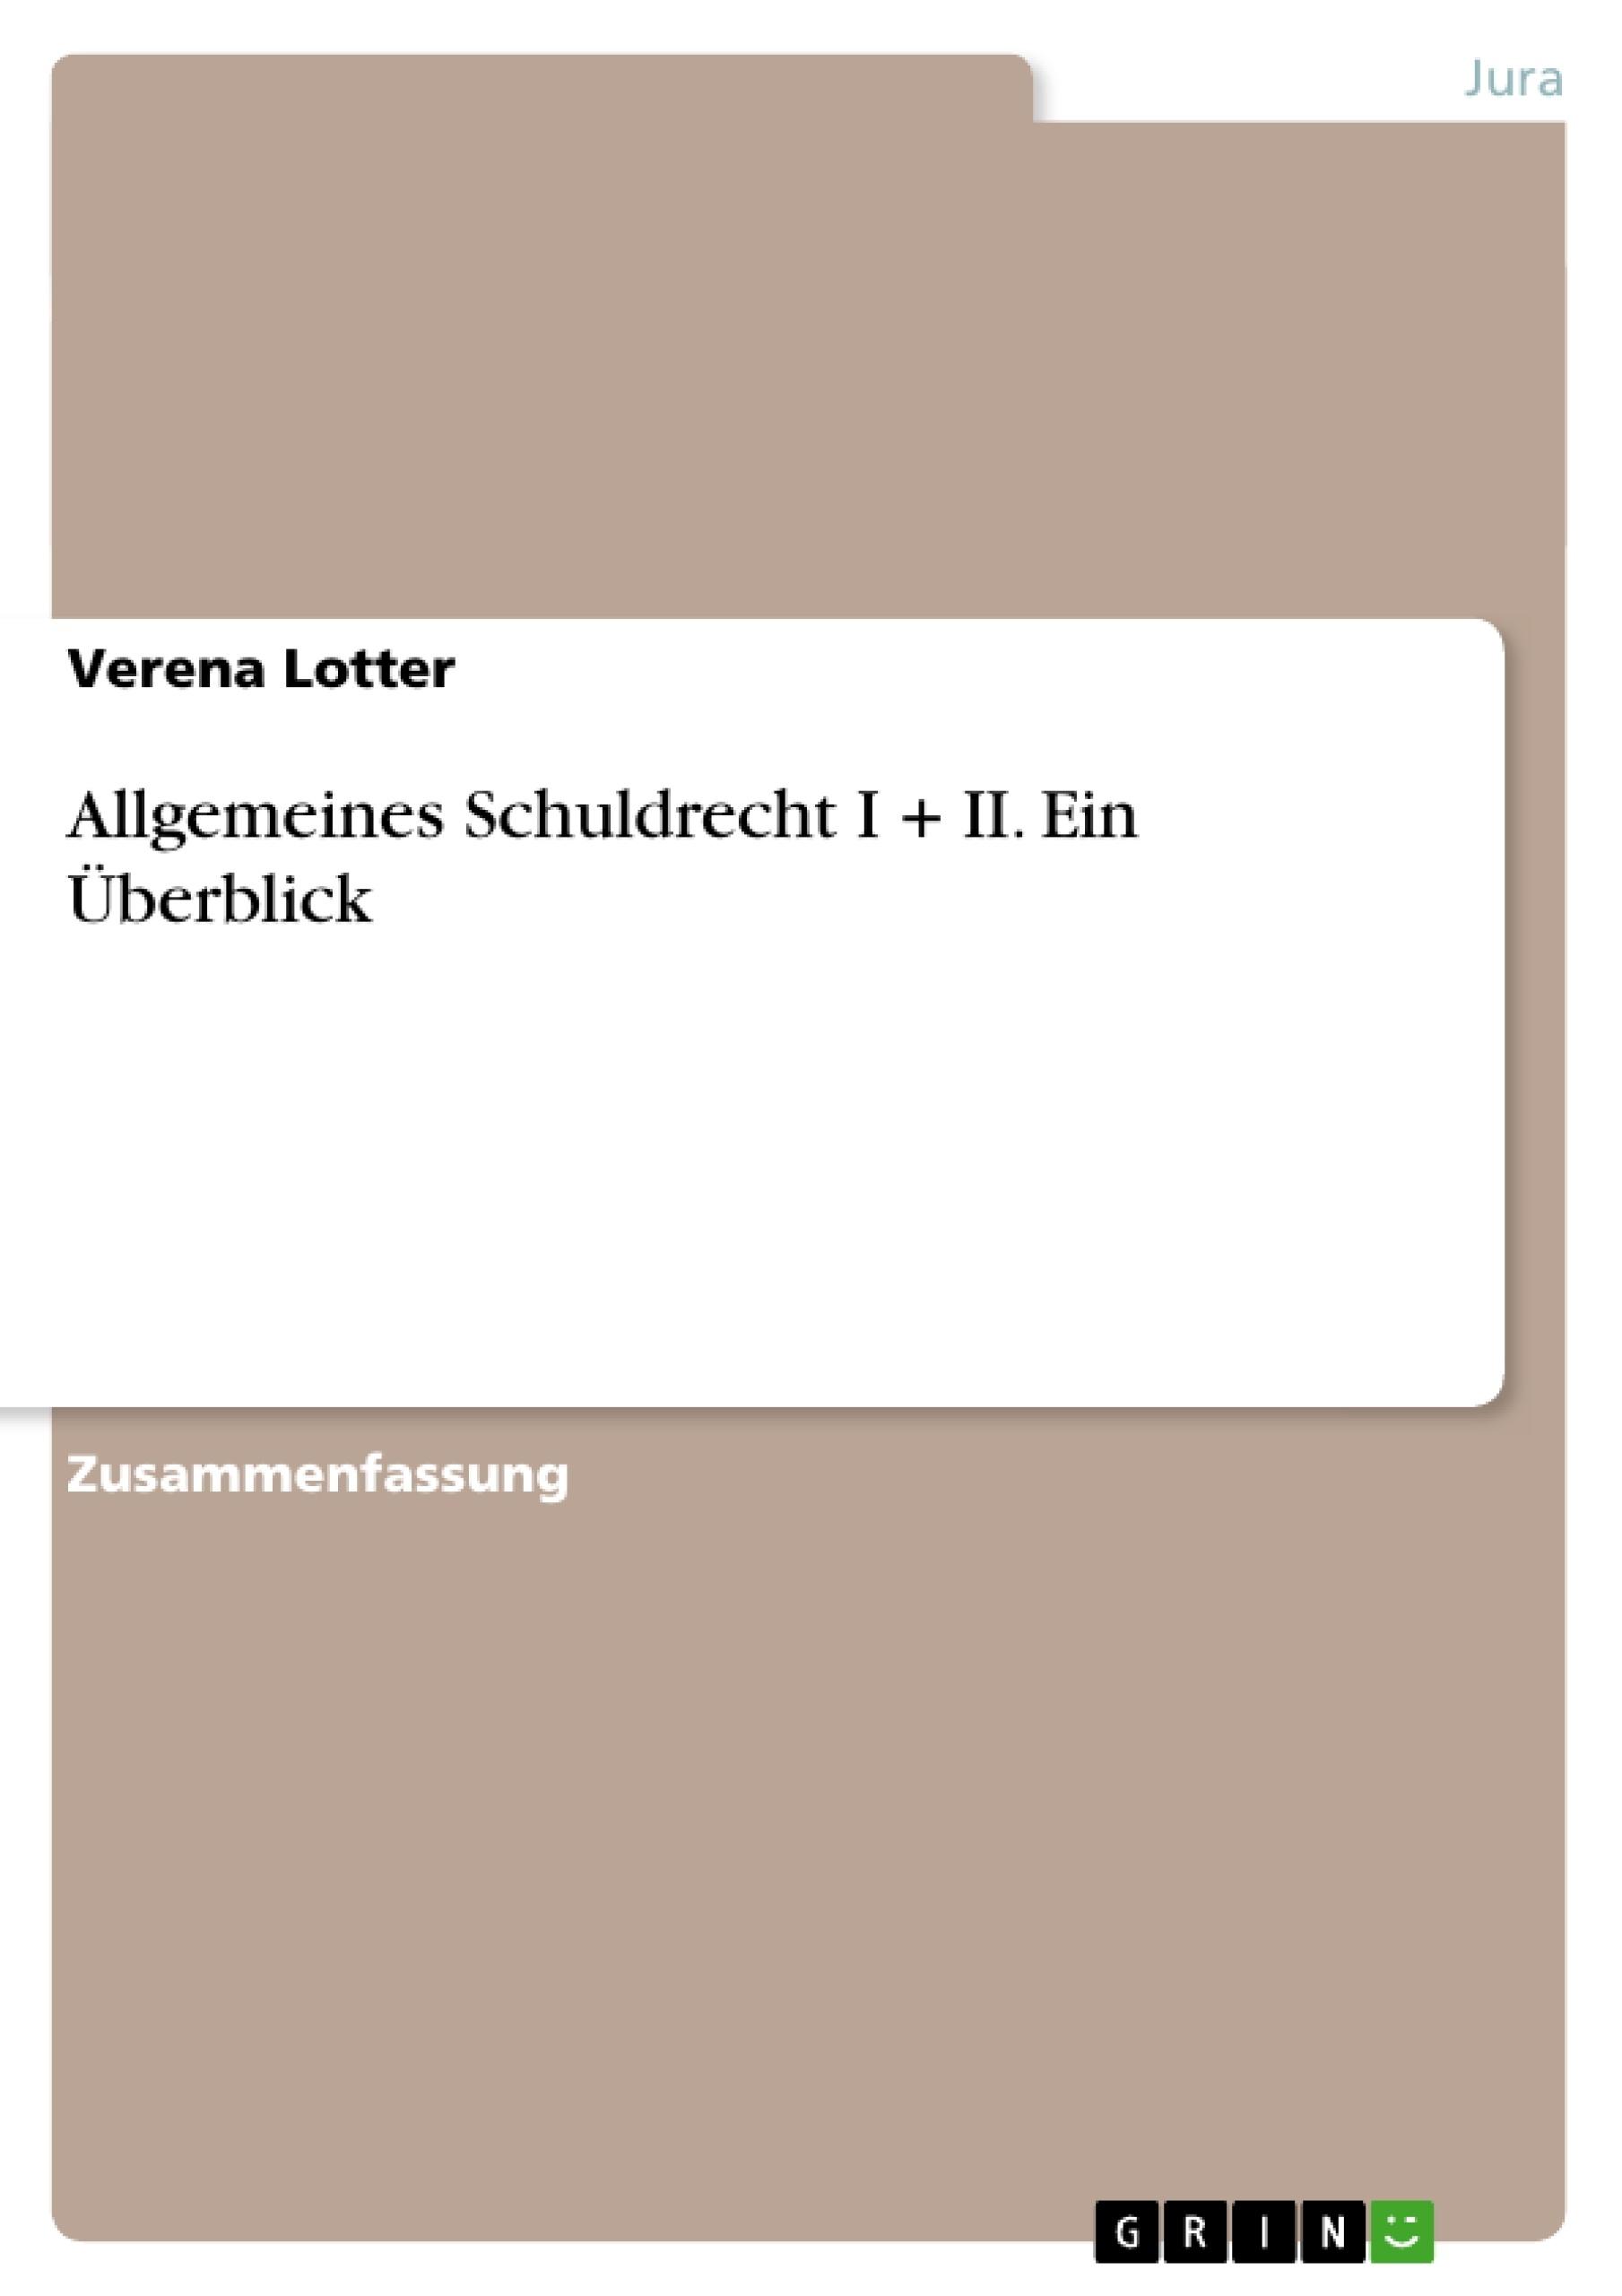 Titel: Allgemeines Schuldrecht I + II. Ein Überblick